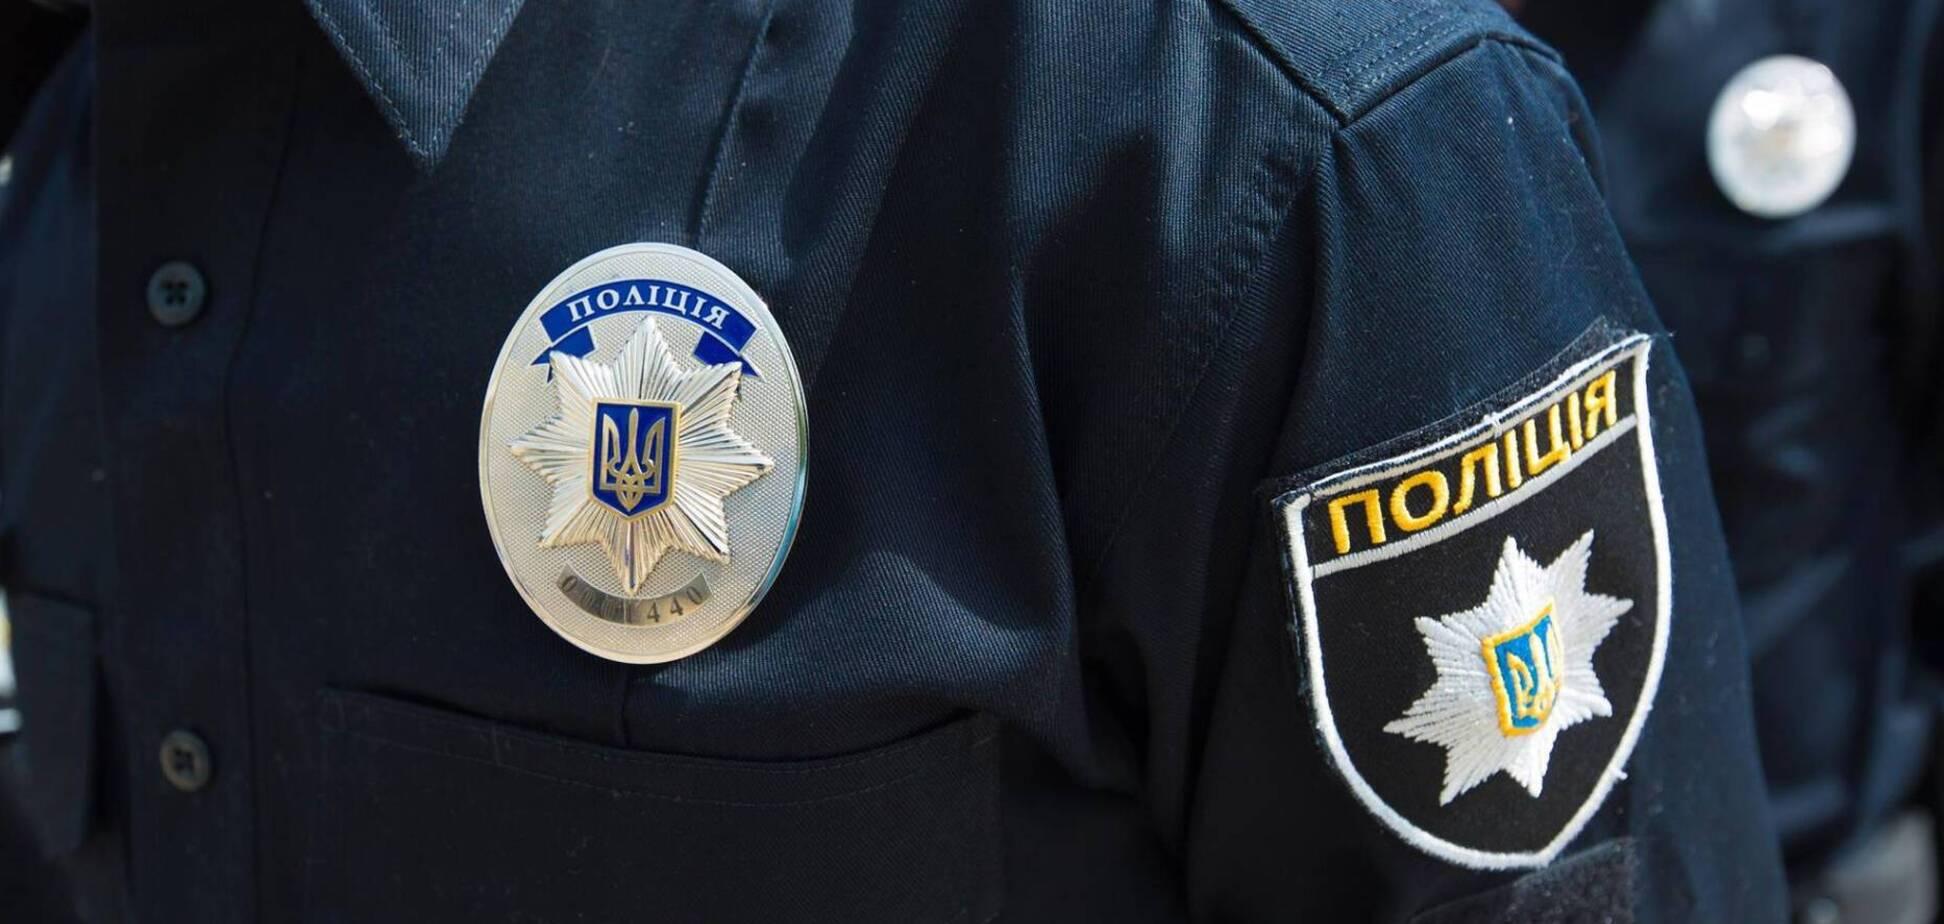 В Киеве предупредили о псевдогазовиках-грабителях. Иллюстрация. Источник: lviv.travel